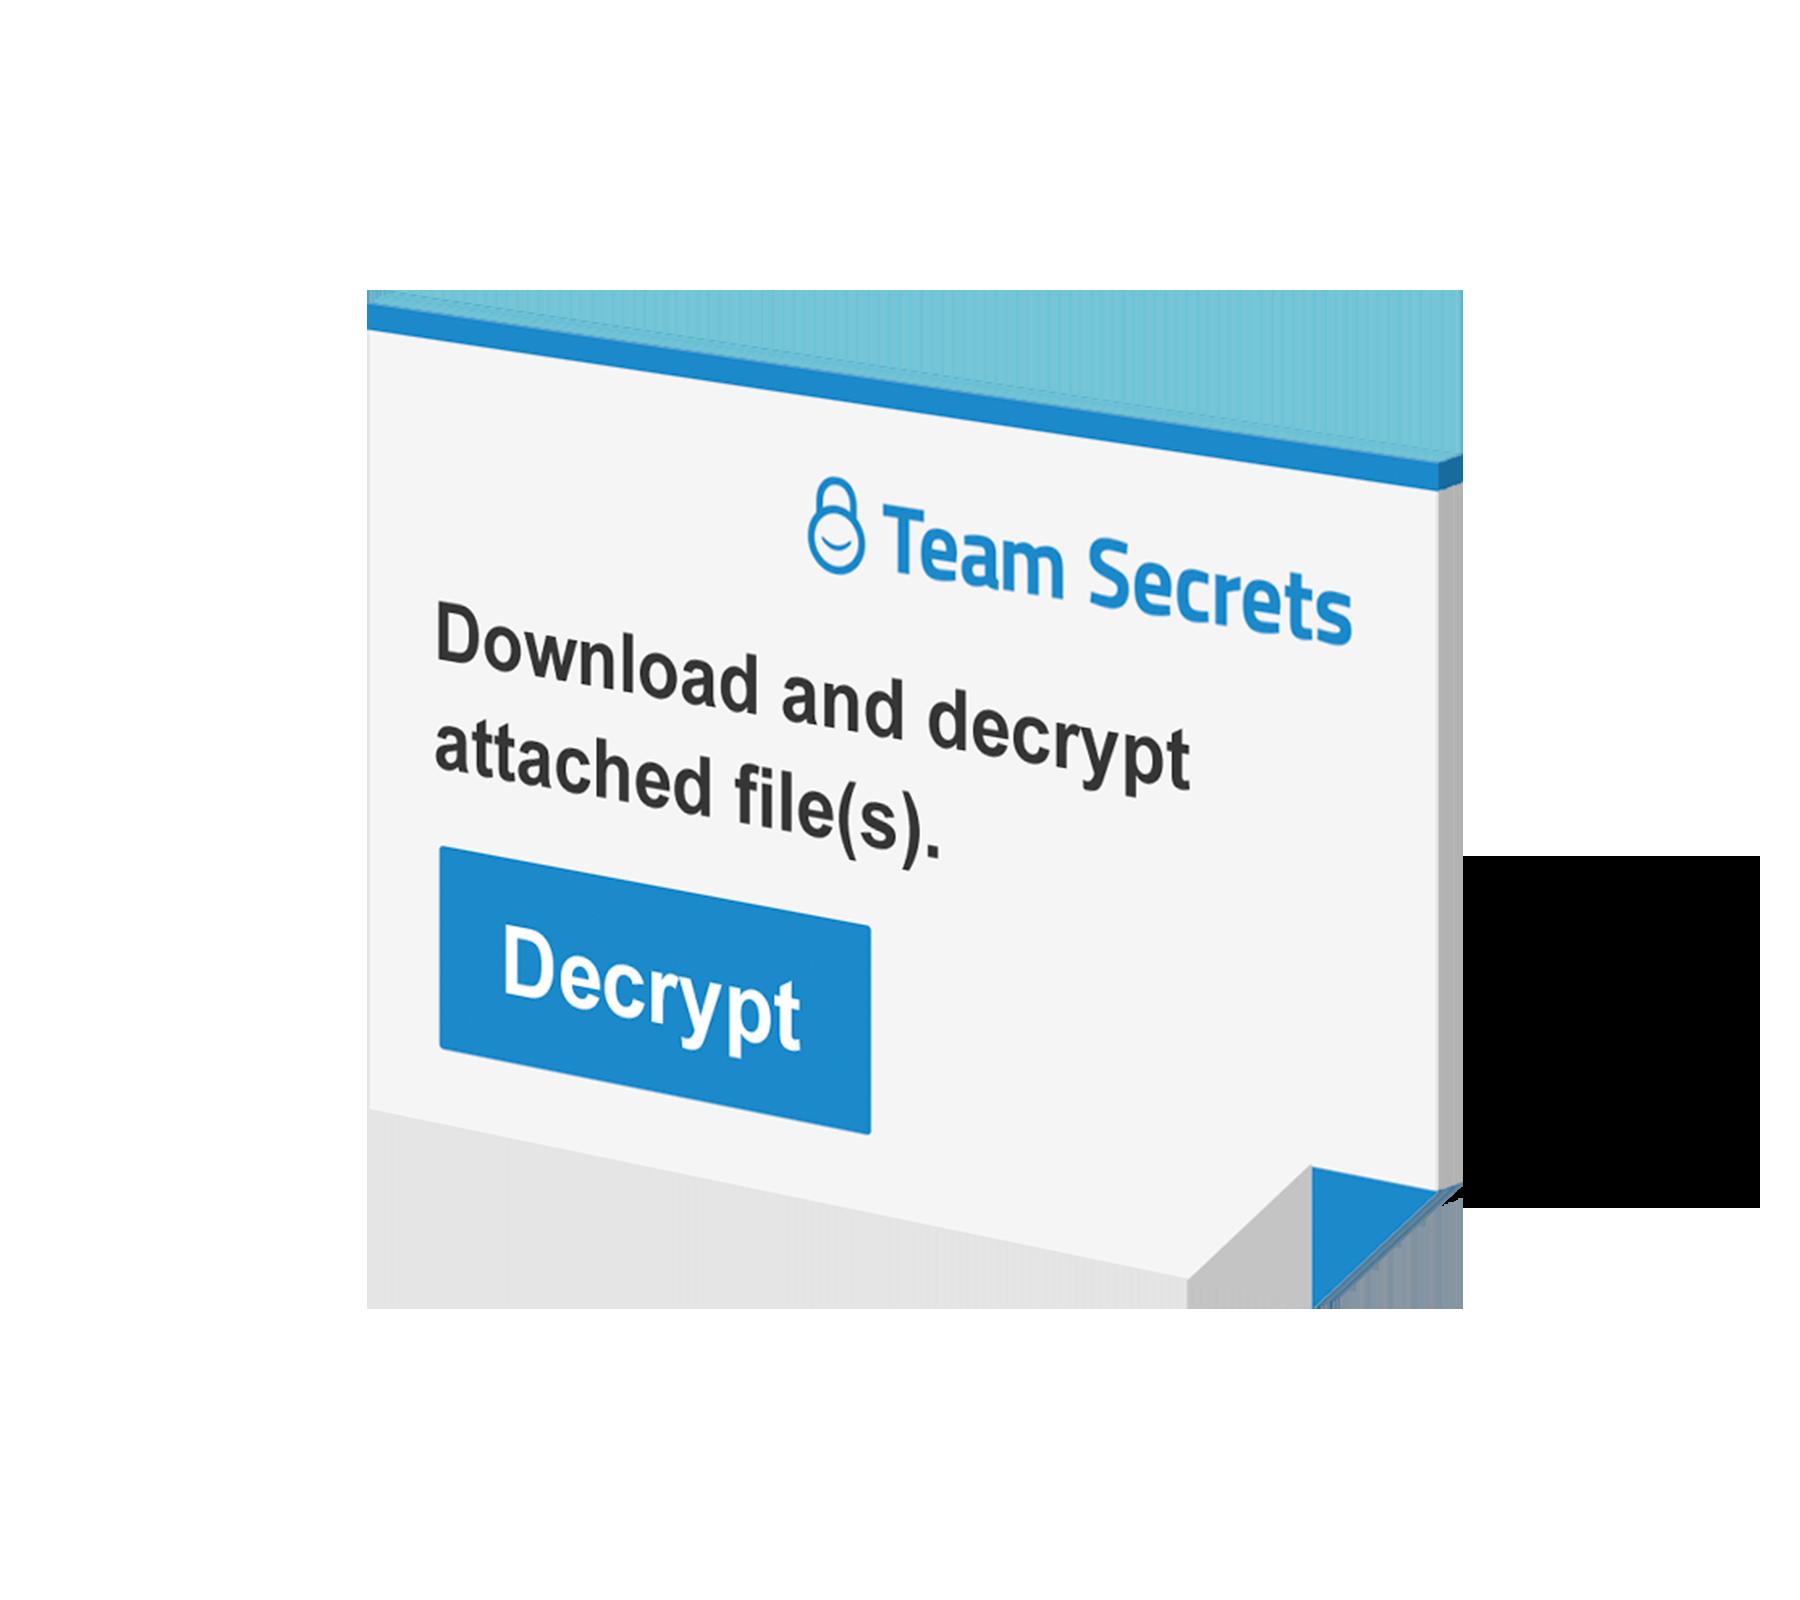 teamsecrets-gmailimages-4.png